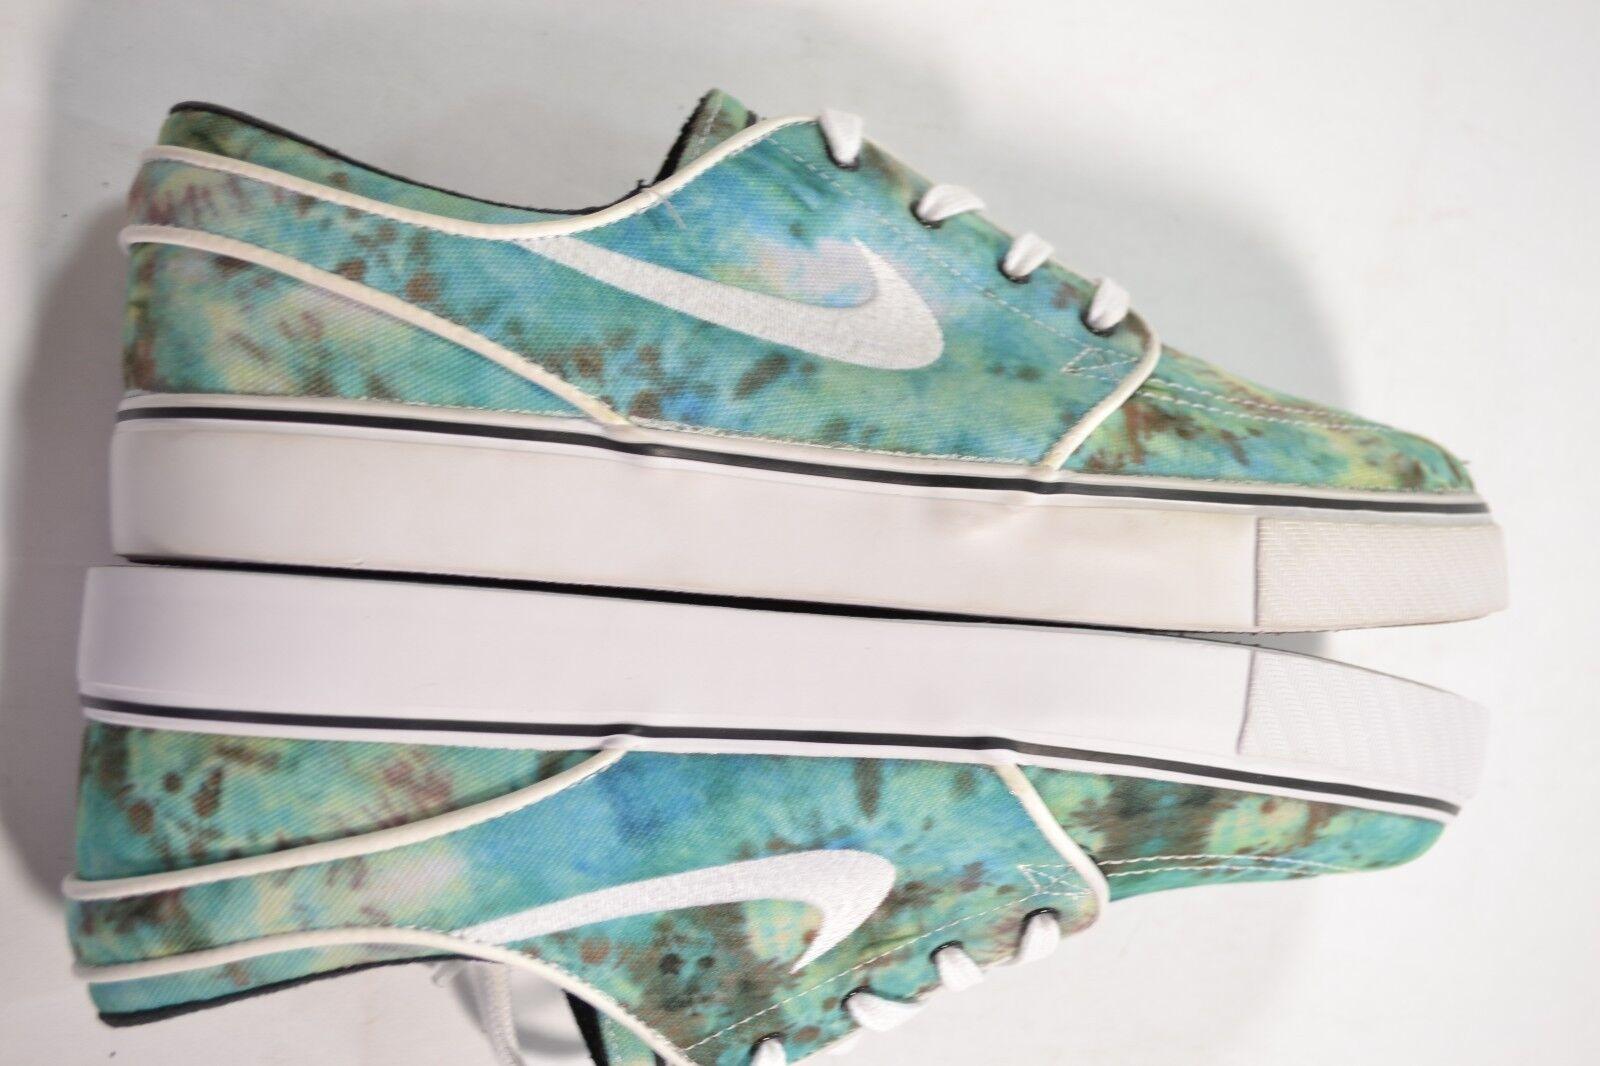 nike zoom stefan janoski pr qs turbo vert brillant citron chaussures (d) (427) chaussures citron pour hommes 71c720